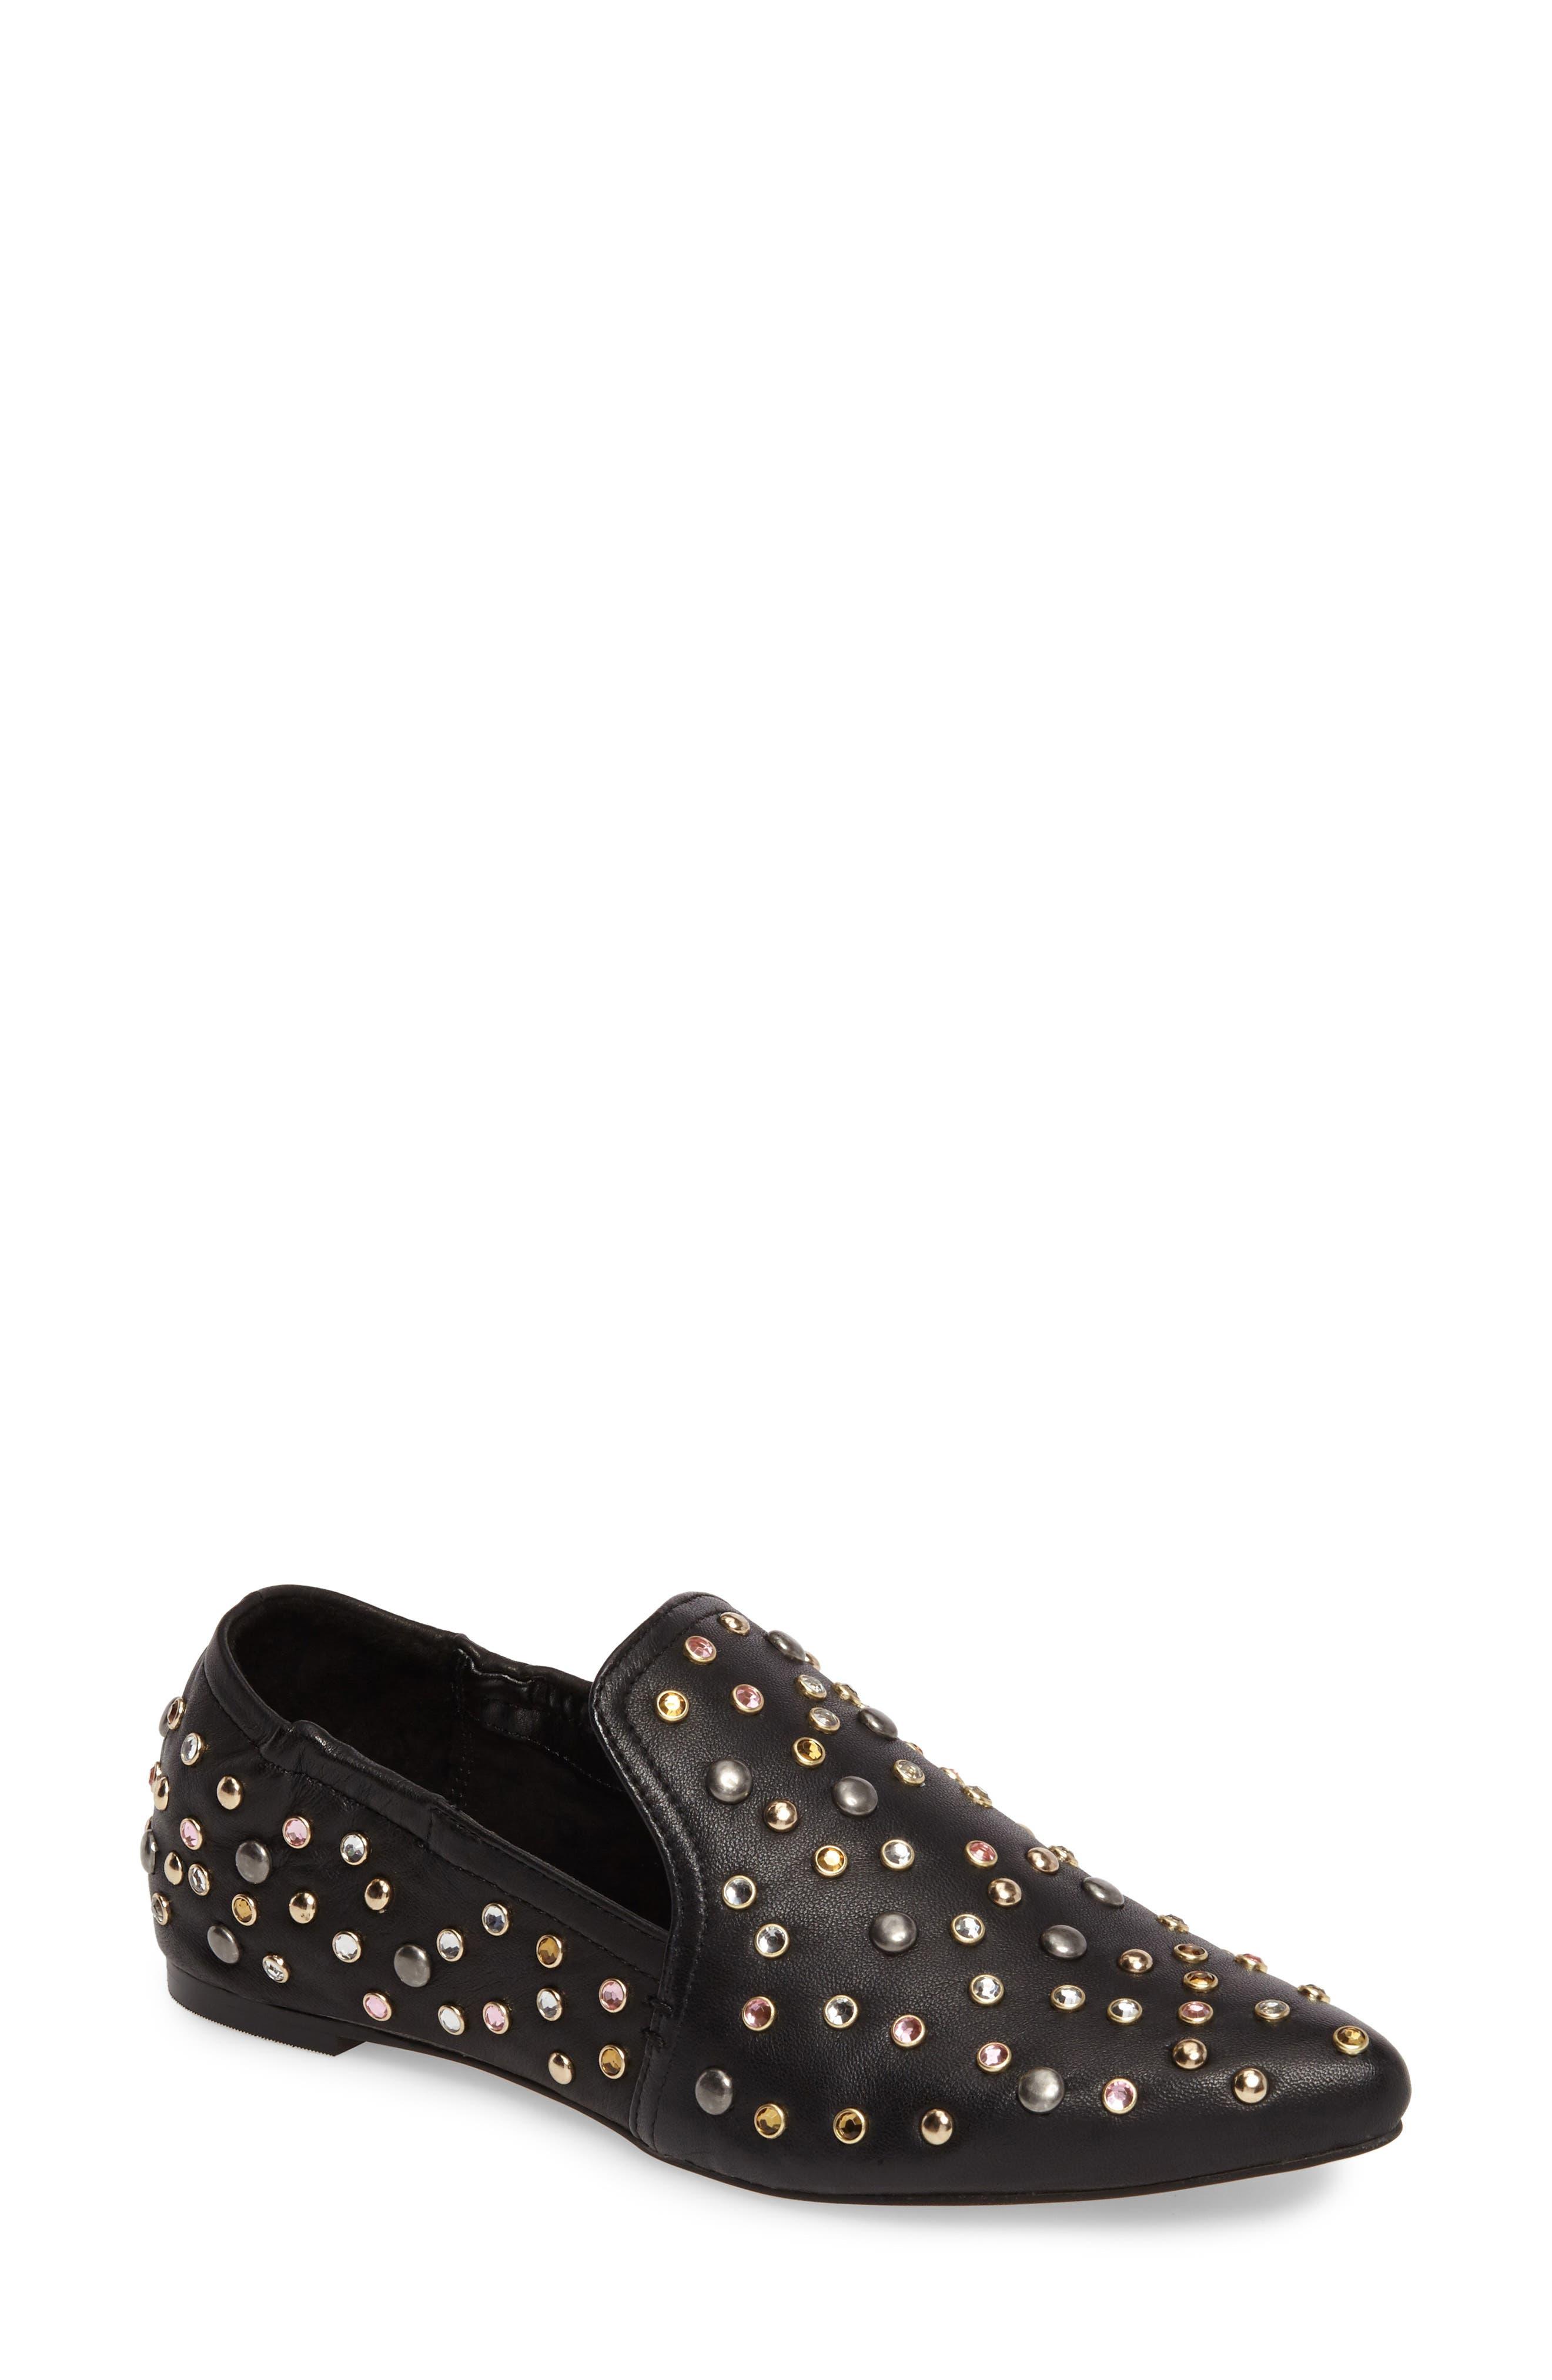 Alternate Image 1 Selected - Dolce Vita Hamond Stud Embellished Loafer Flat (Women)